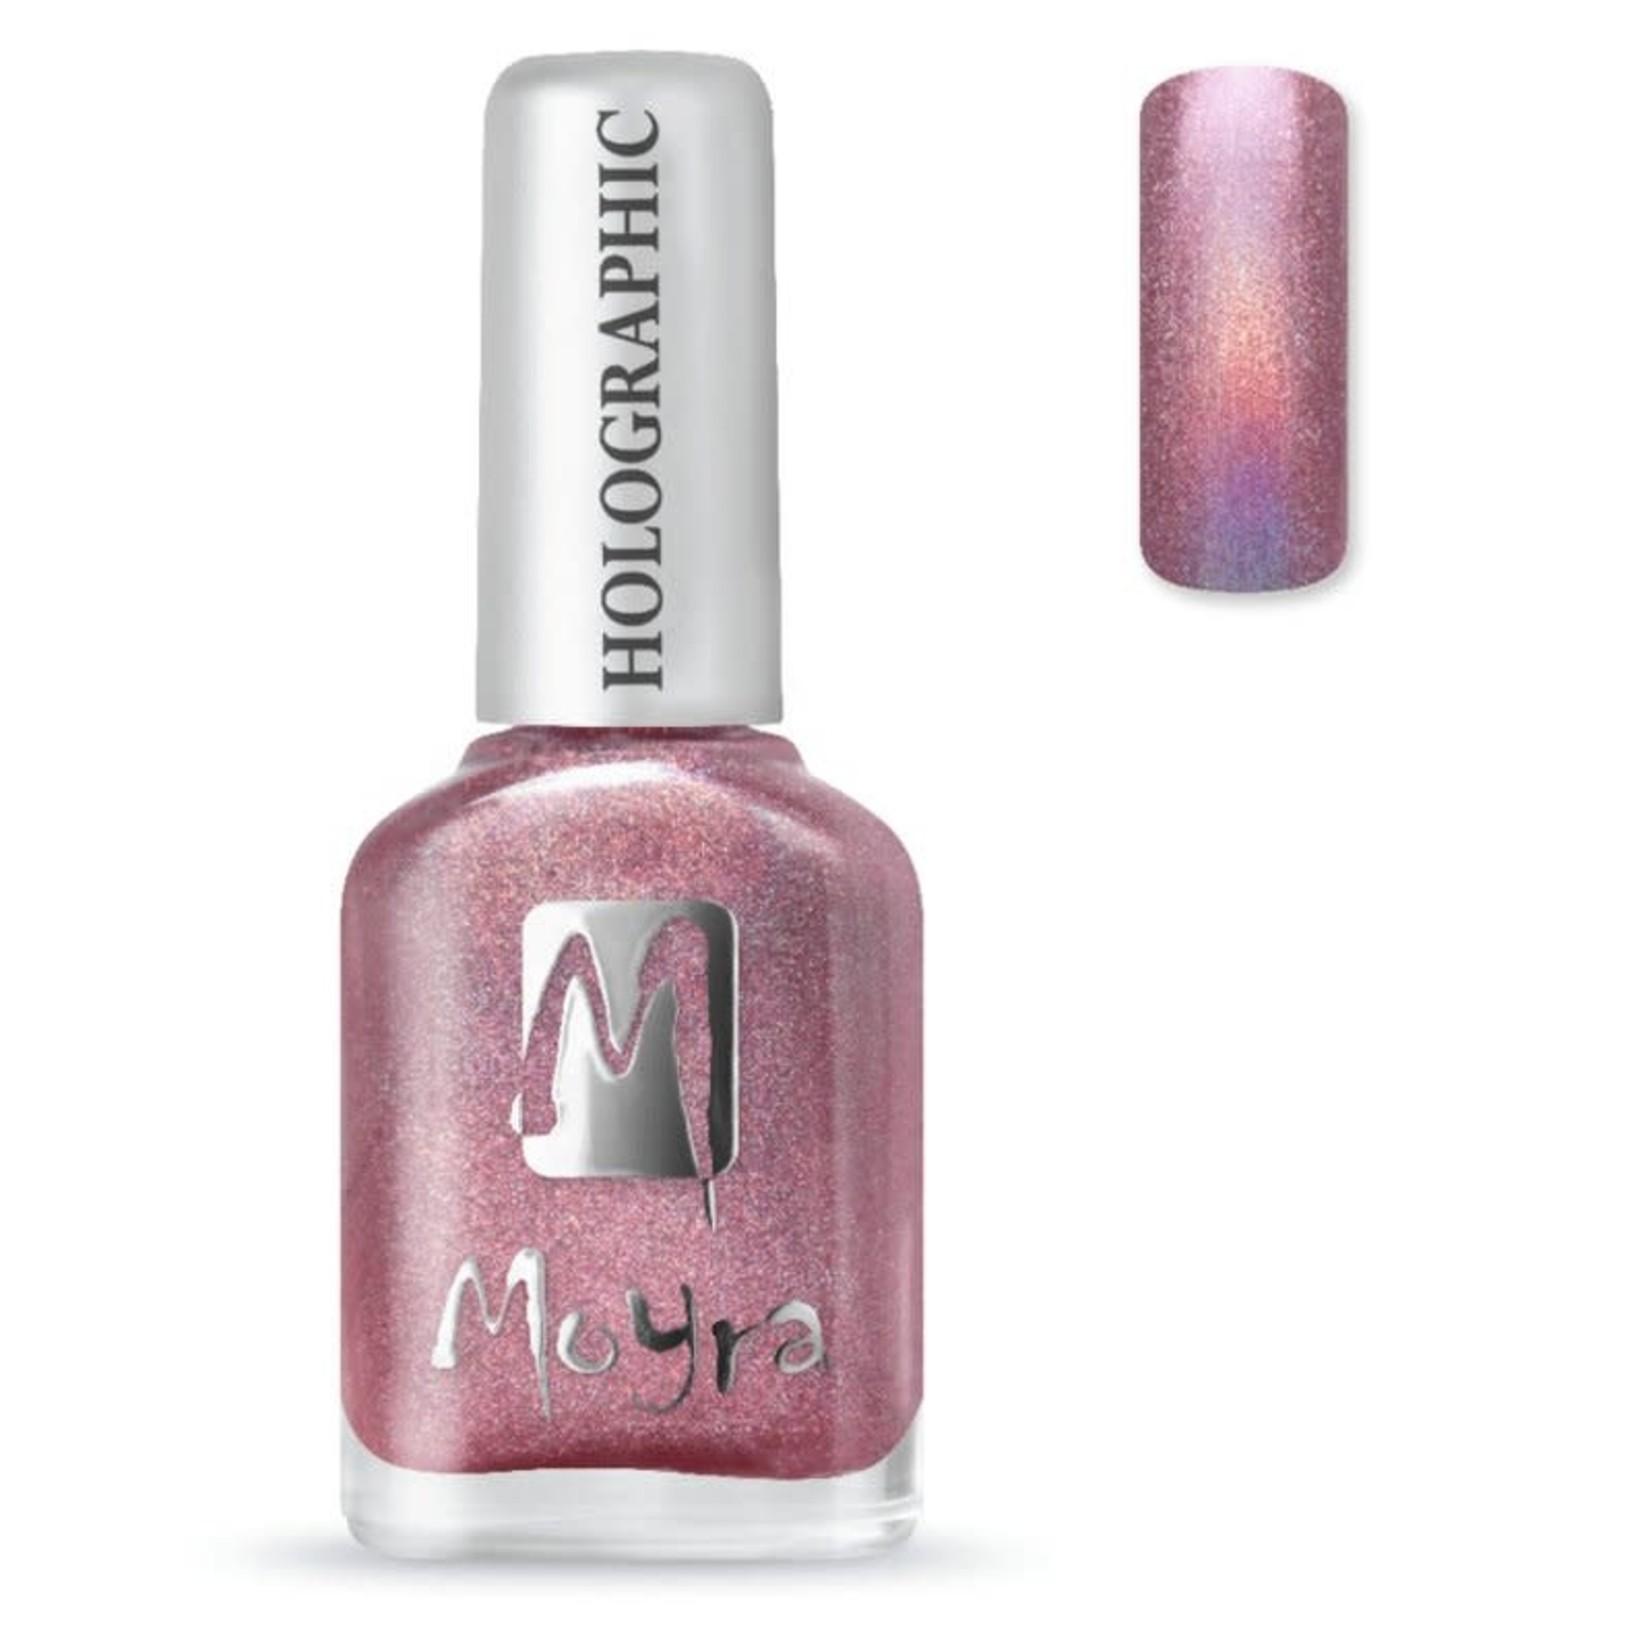 Moyra Moyra Holographic effect nail polish 256 Orion